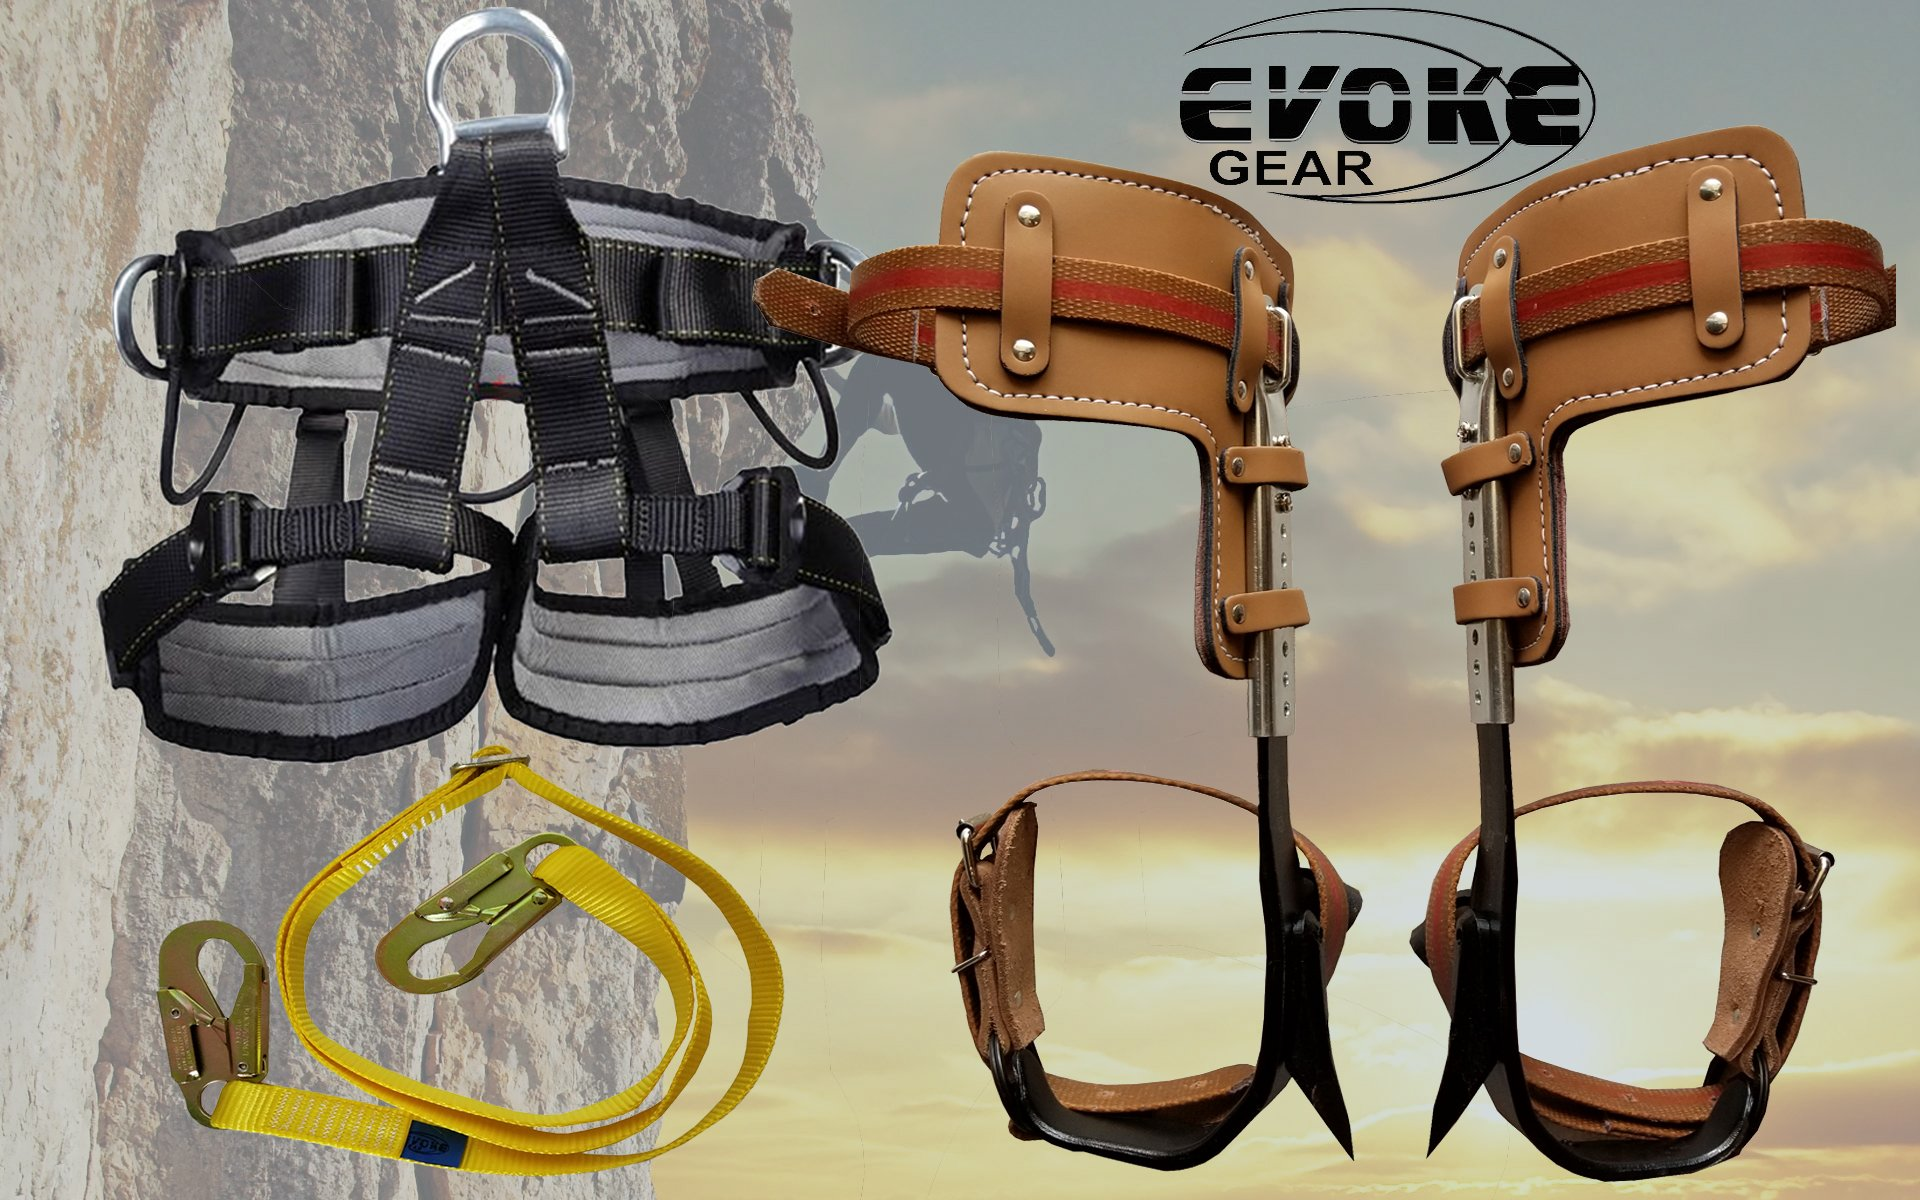 Evoke Gear Tree Climbing Spike Set Pole Climbing Spurs Climber Adjustable Harness Lanyard Short Graff